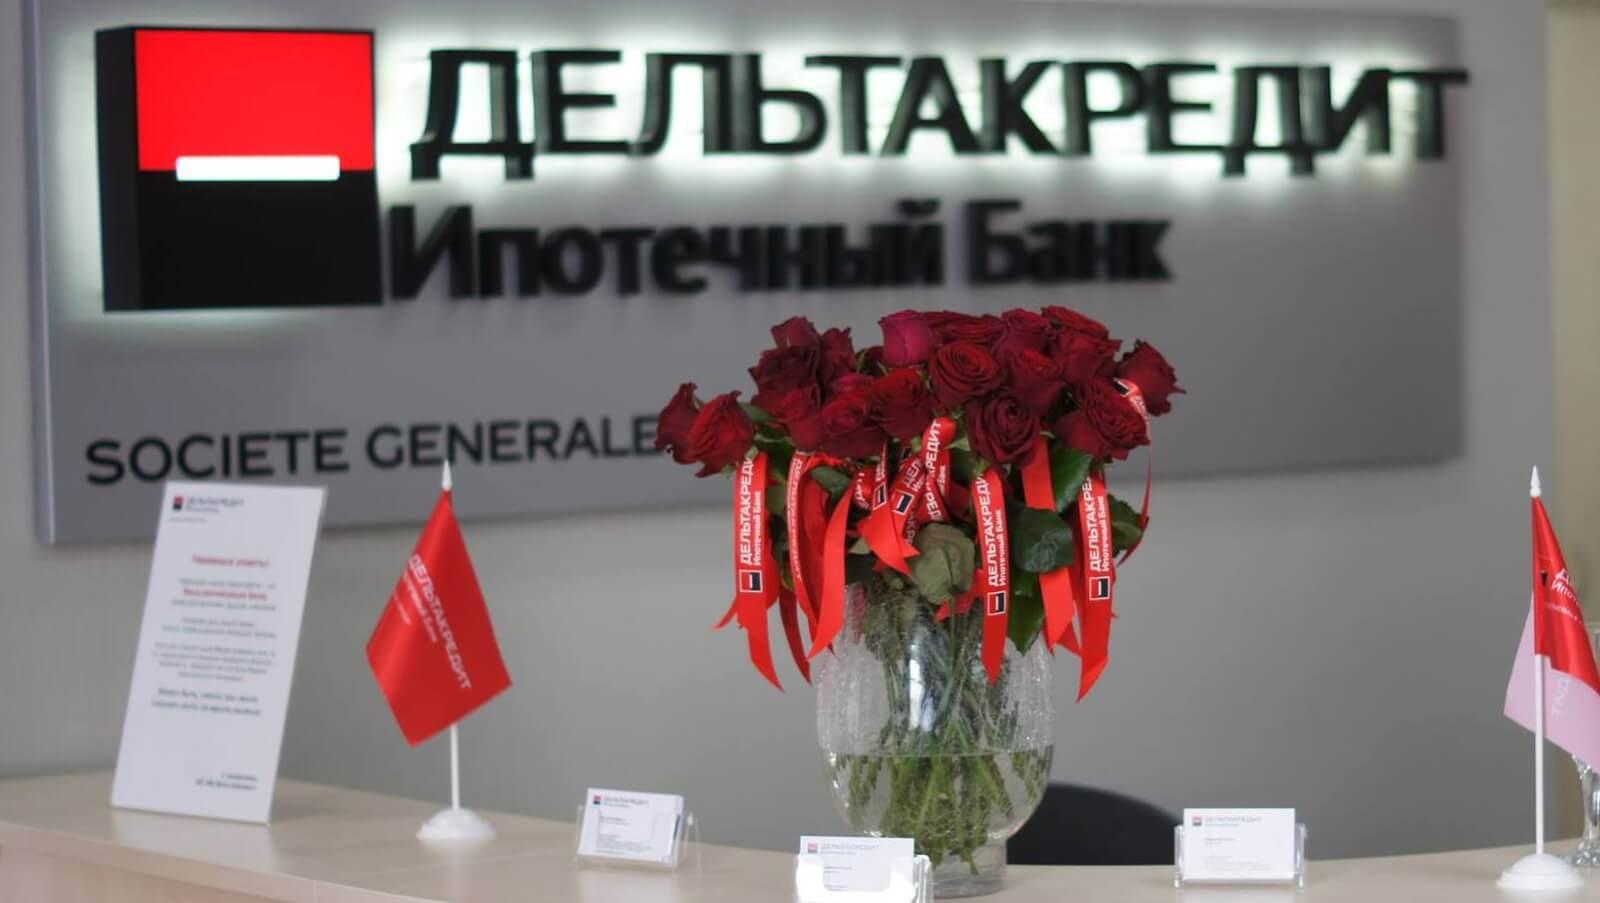 Ипотека в Дельтакредит банке: выгодные предложения, свободный выбор